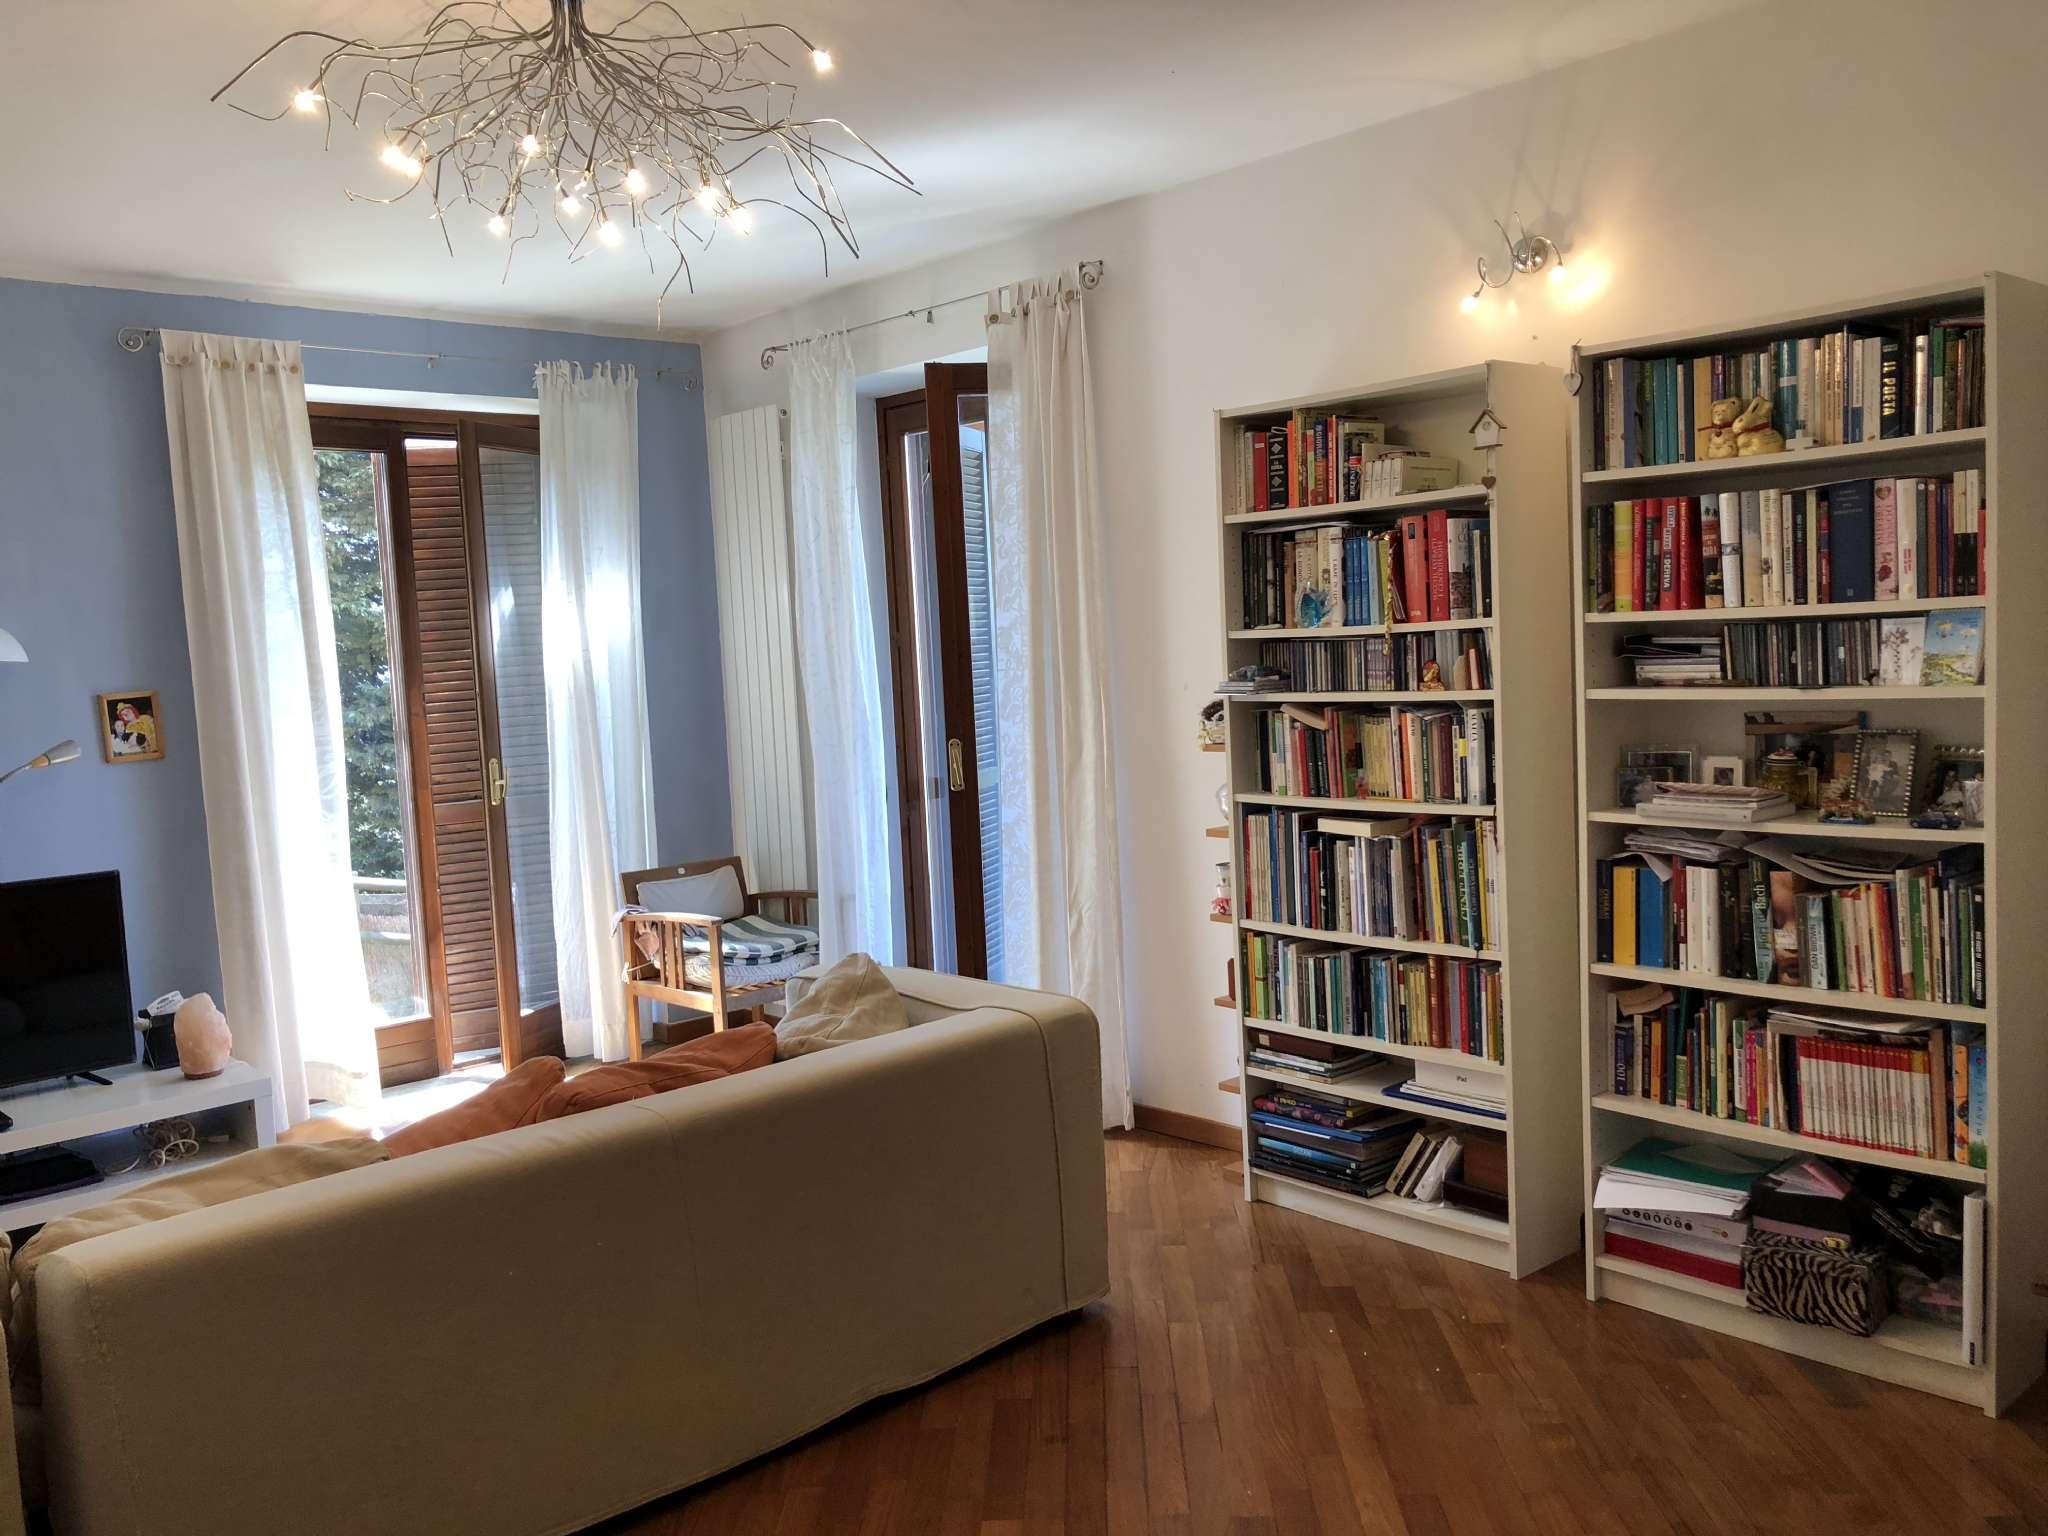 Appartamento in vendita a Gemonio, 3 locali, prezzo € 128.000 | CambioCasa.it